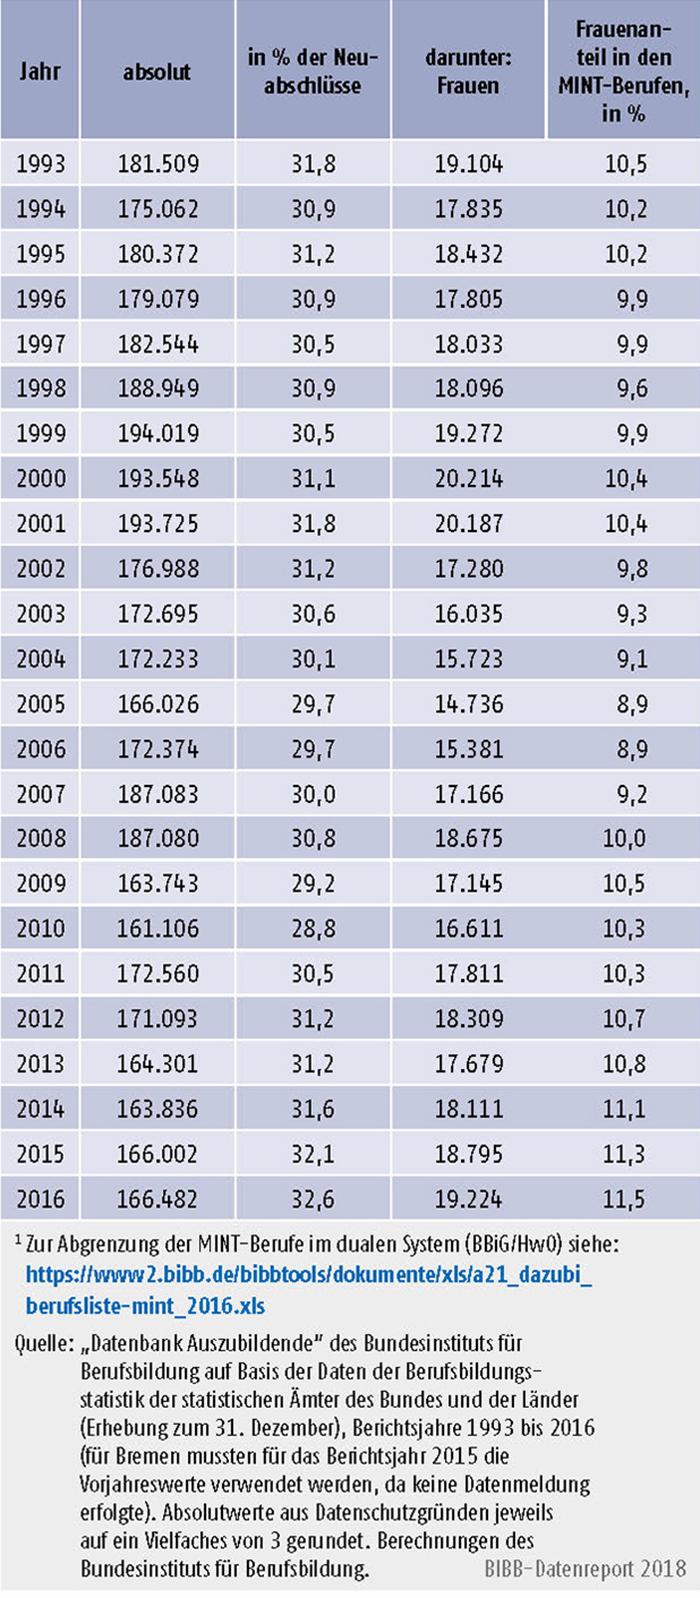 Tabelle A5.4-2: Neu abgeschlossene Ausbildungs- verträge in MINT-Ausbildungsberufen im dualen System (BBiG/HwO), Bundesgebiet 1993 bis 2016